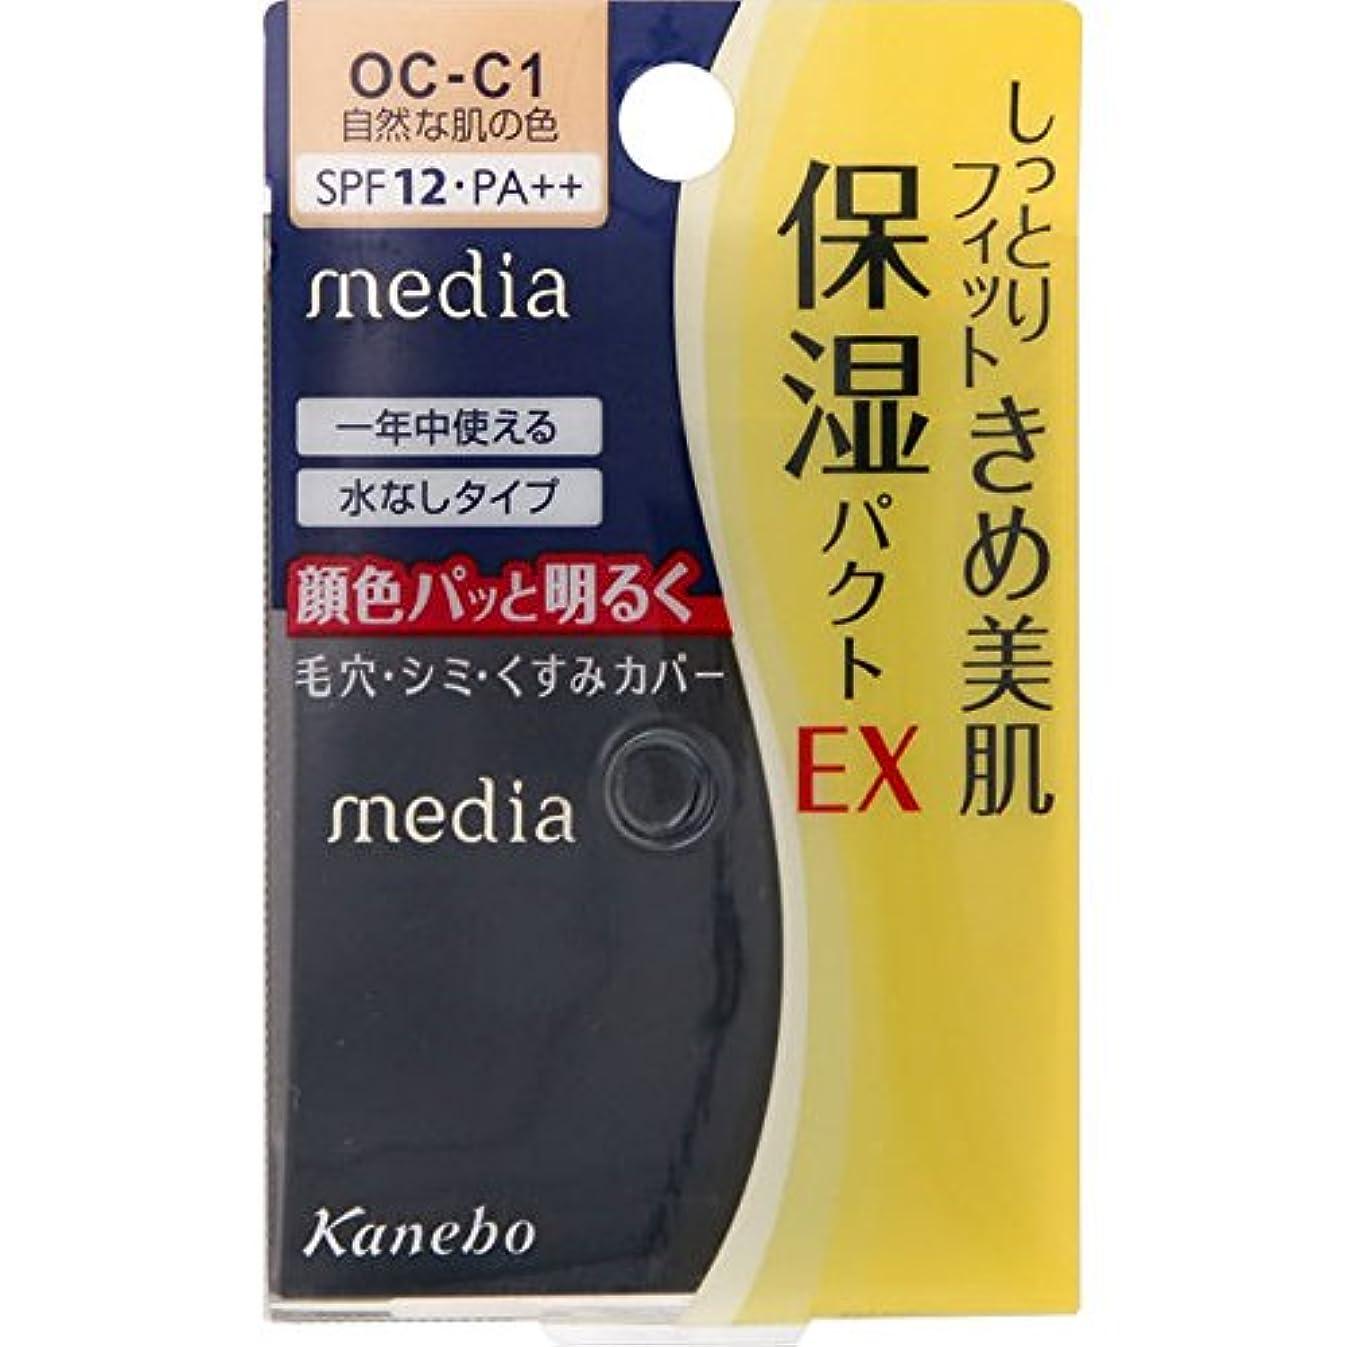 油武装解除国際カネボウ メディア モイストフィットパクトEX OC-C1(11g)